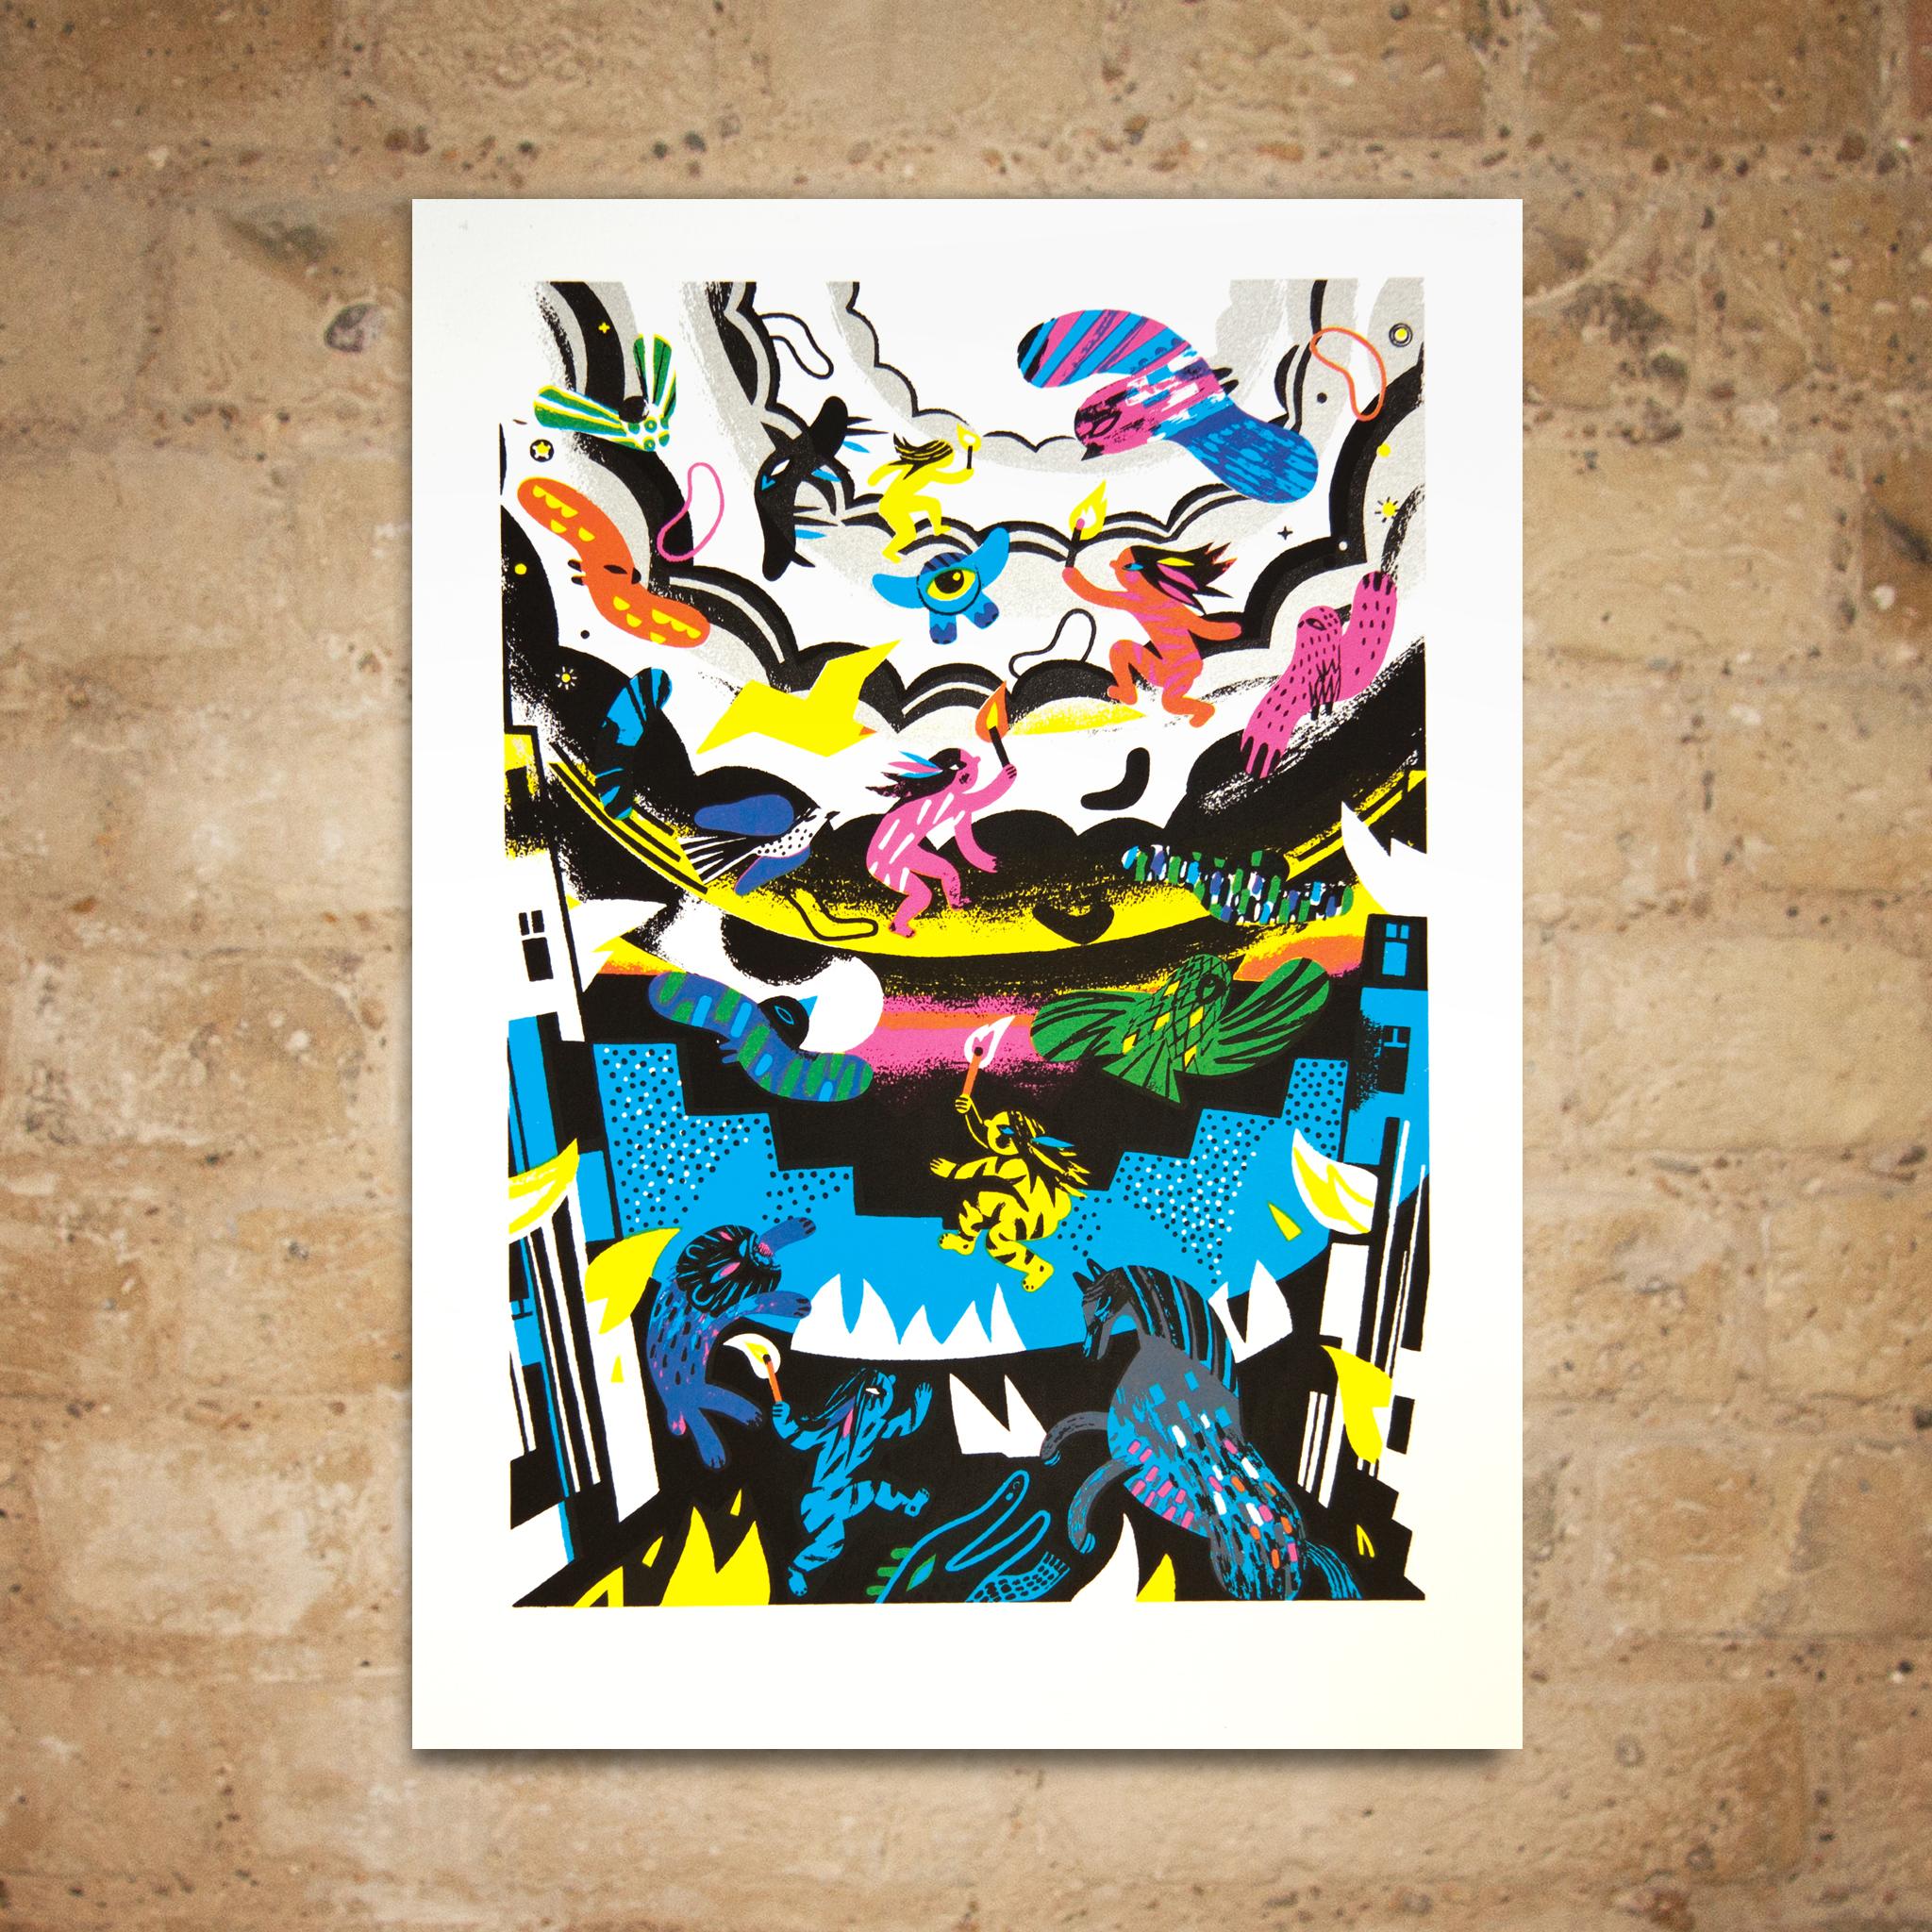 Gwenola Carrere print